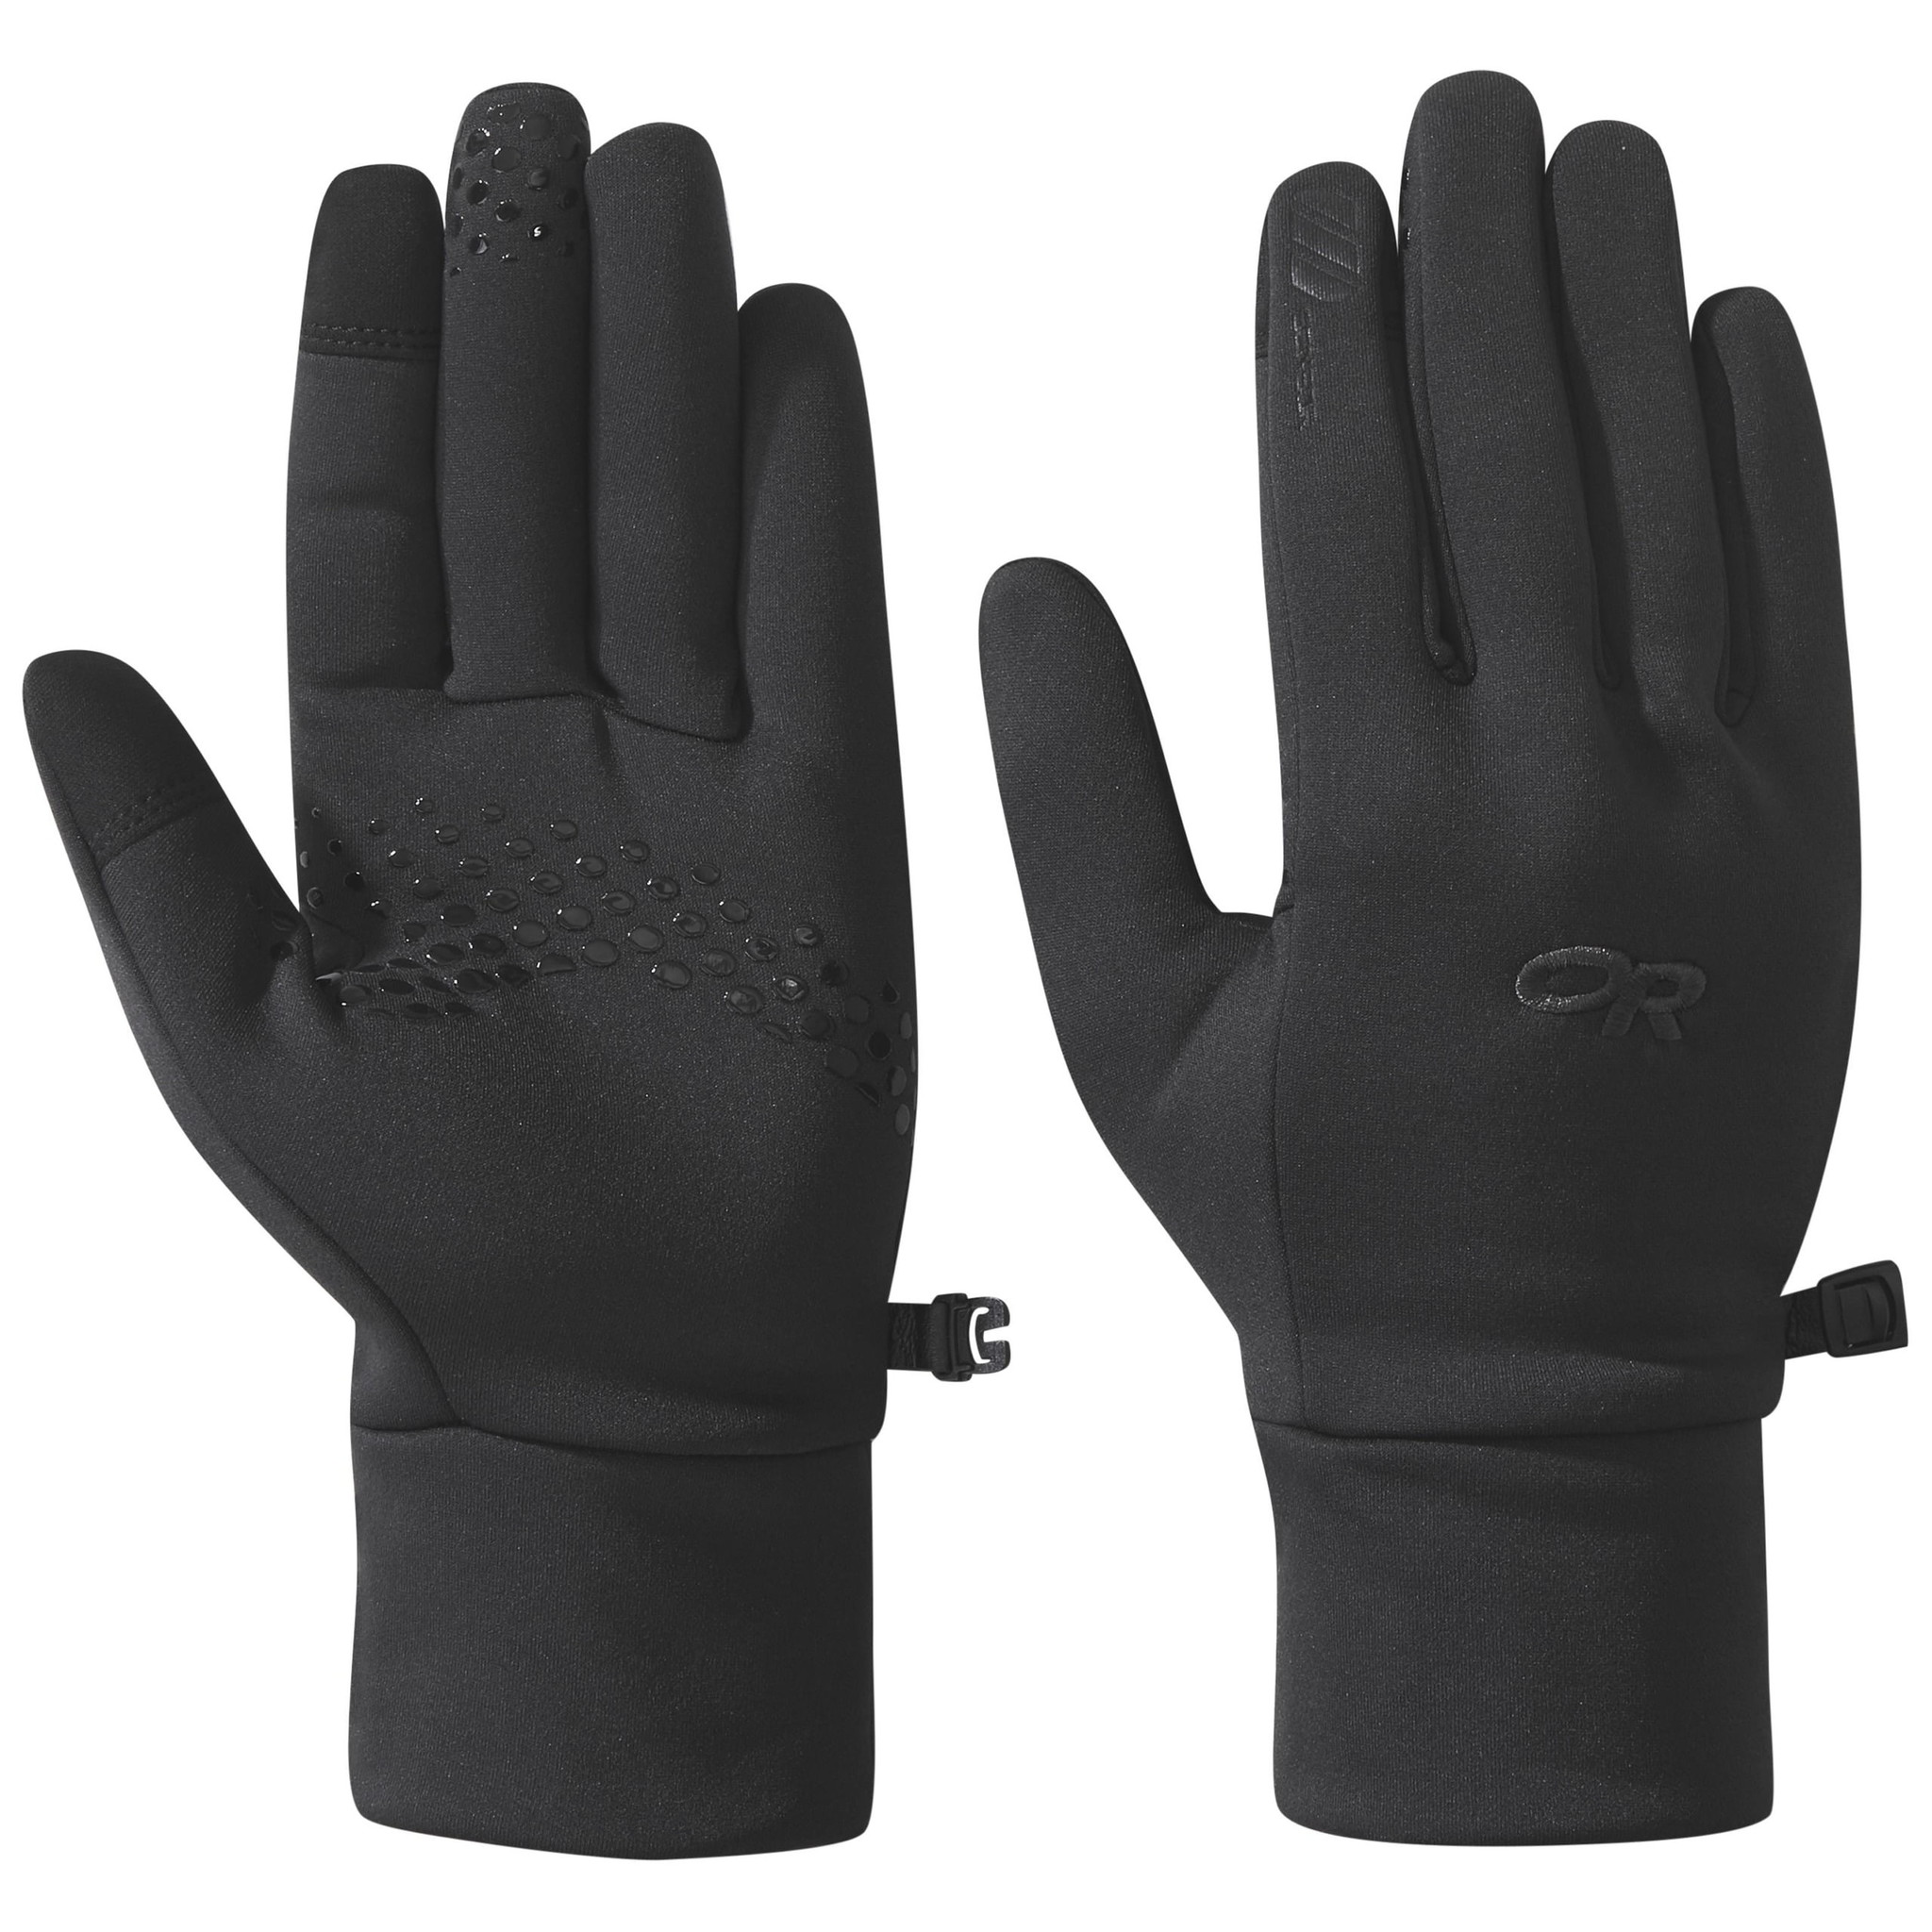 Outdoor Research Men's Vigor Midwight Sensor Glove